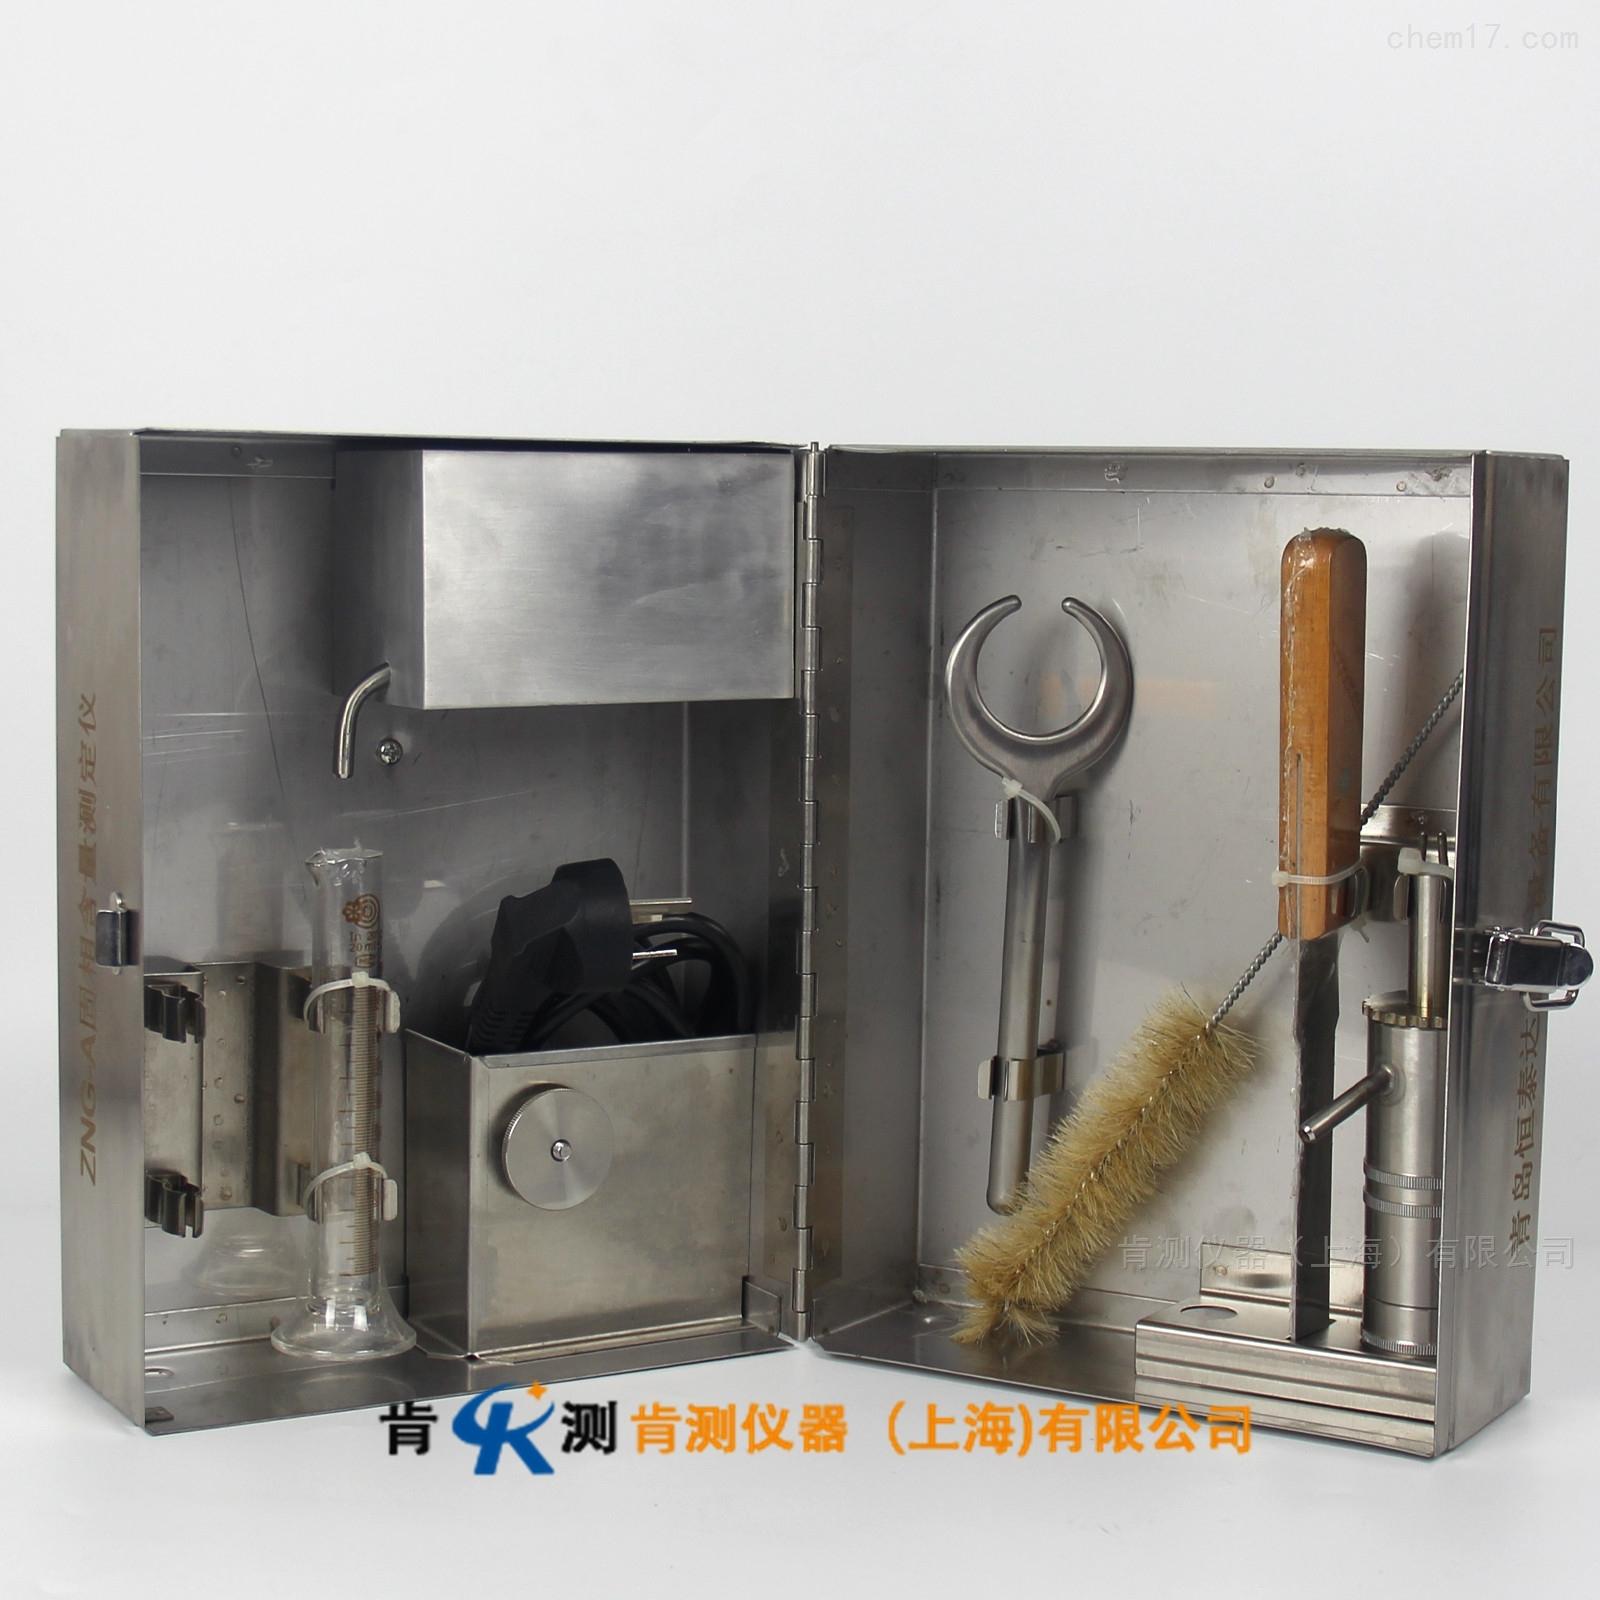 20ml钻井液固相含量测定仪